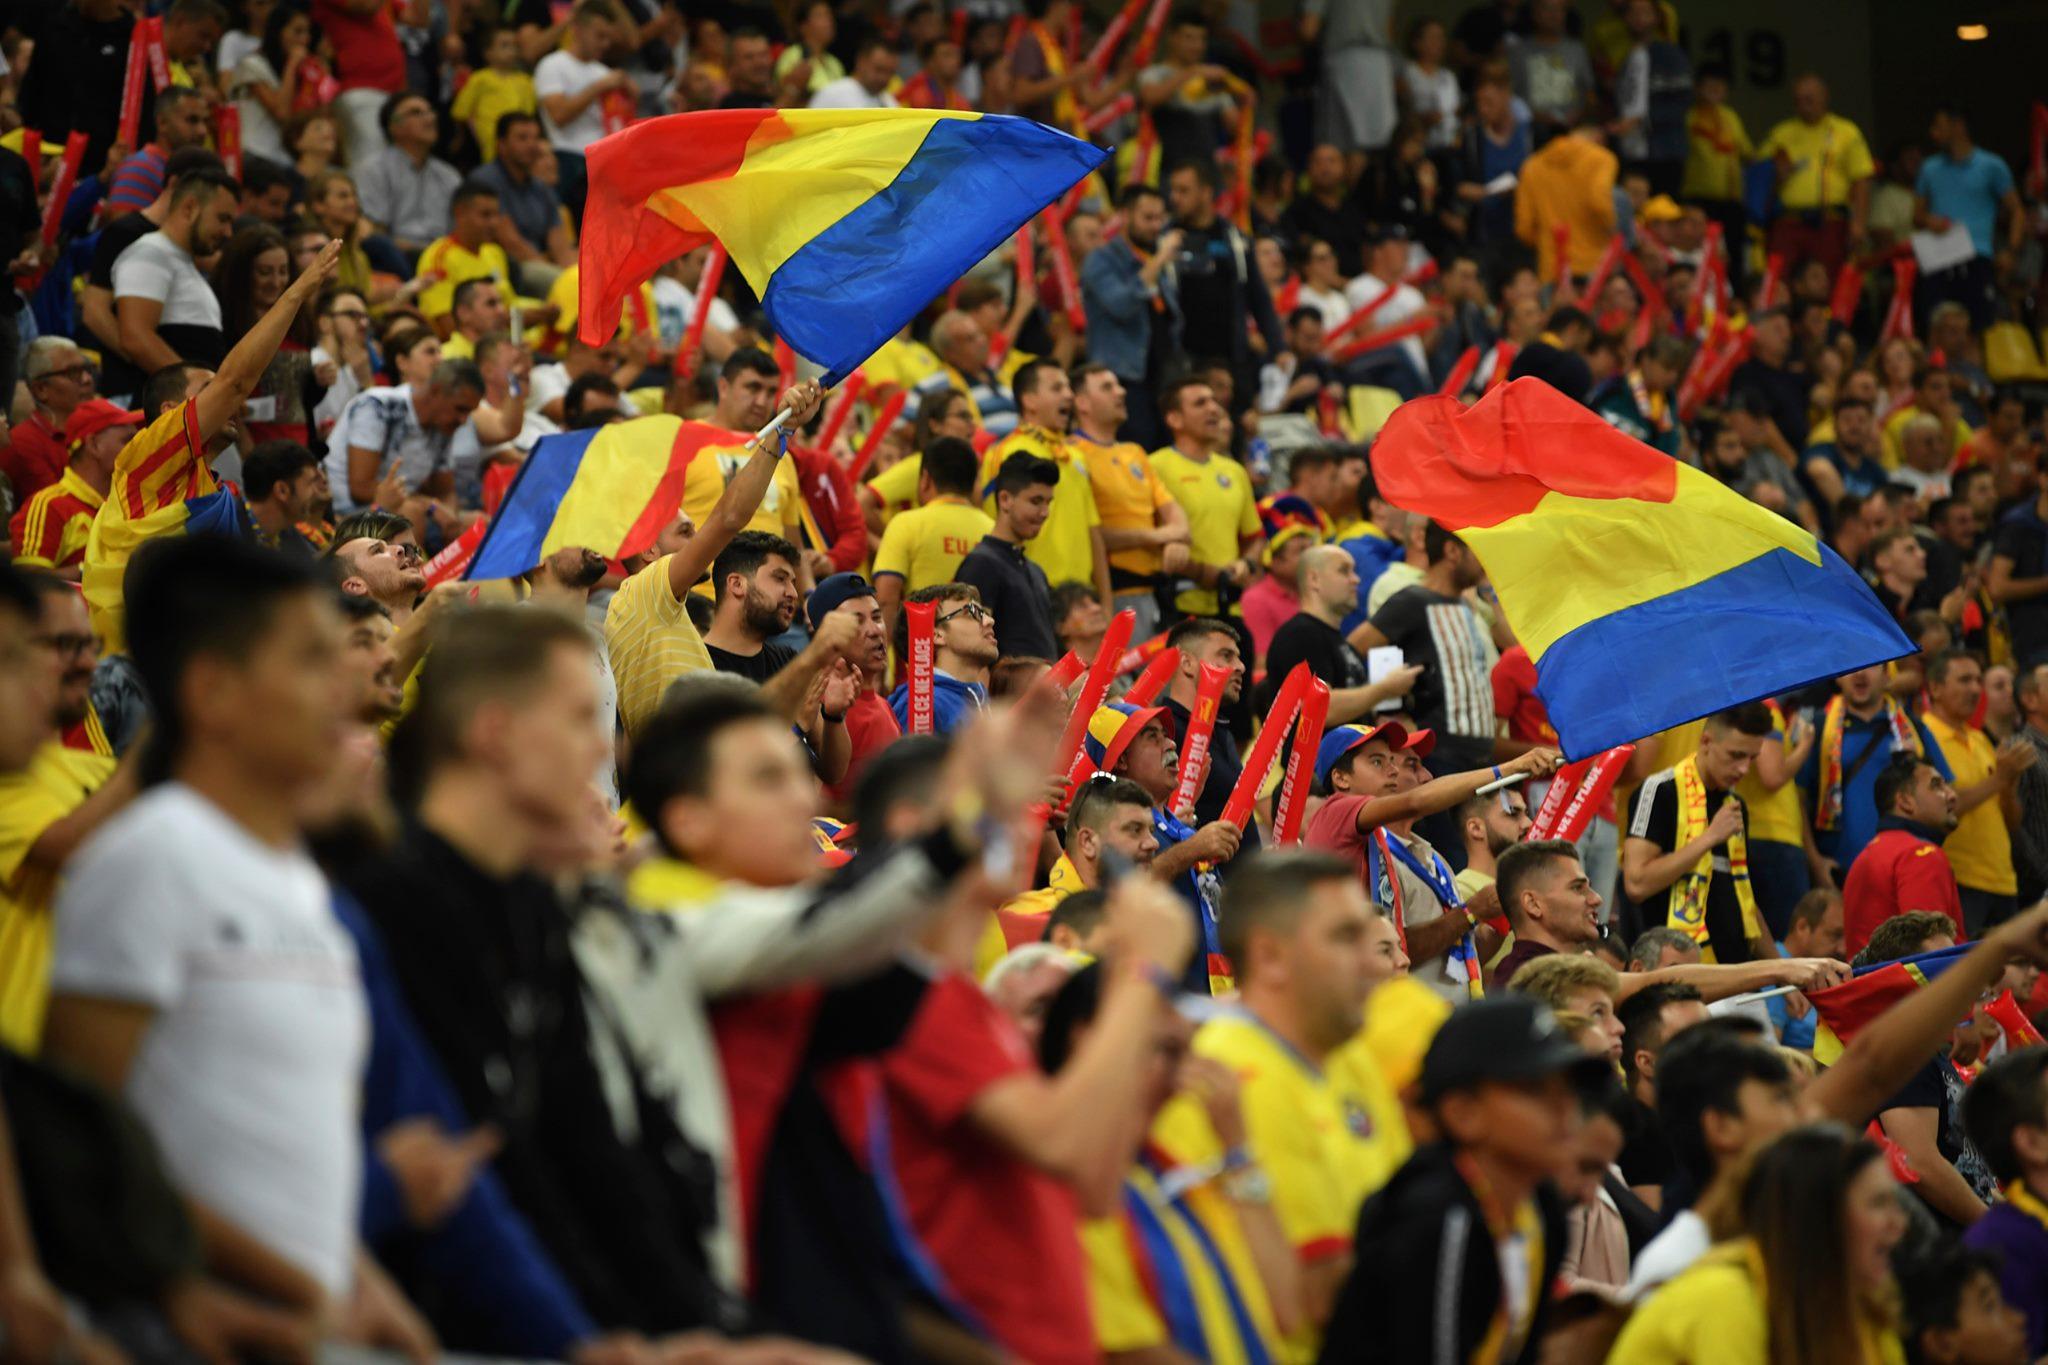 România - Liechtenstein pe Arena Națională. Liber la bilete pentru suporterii naționalei